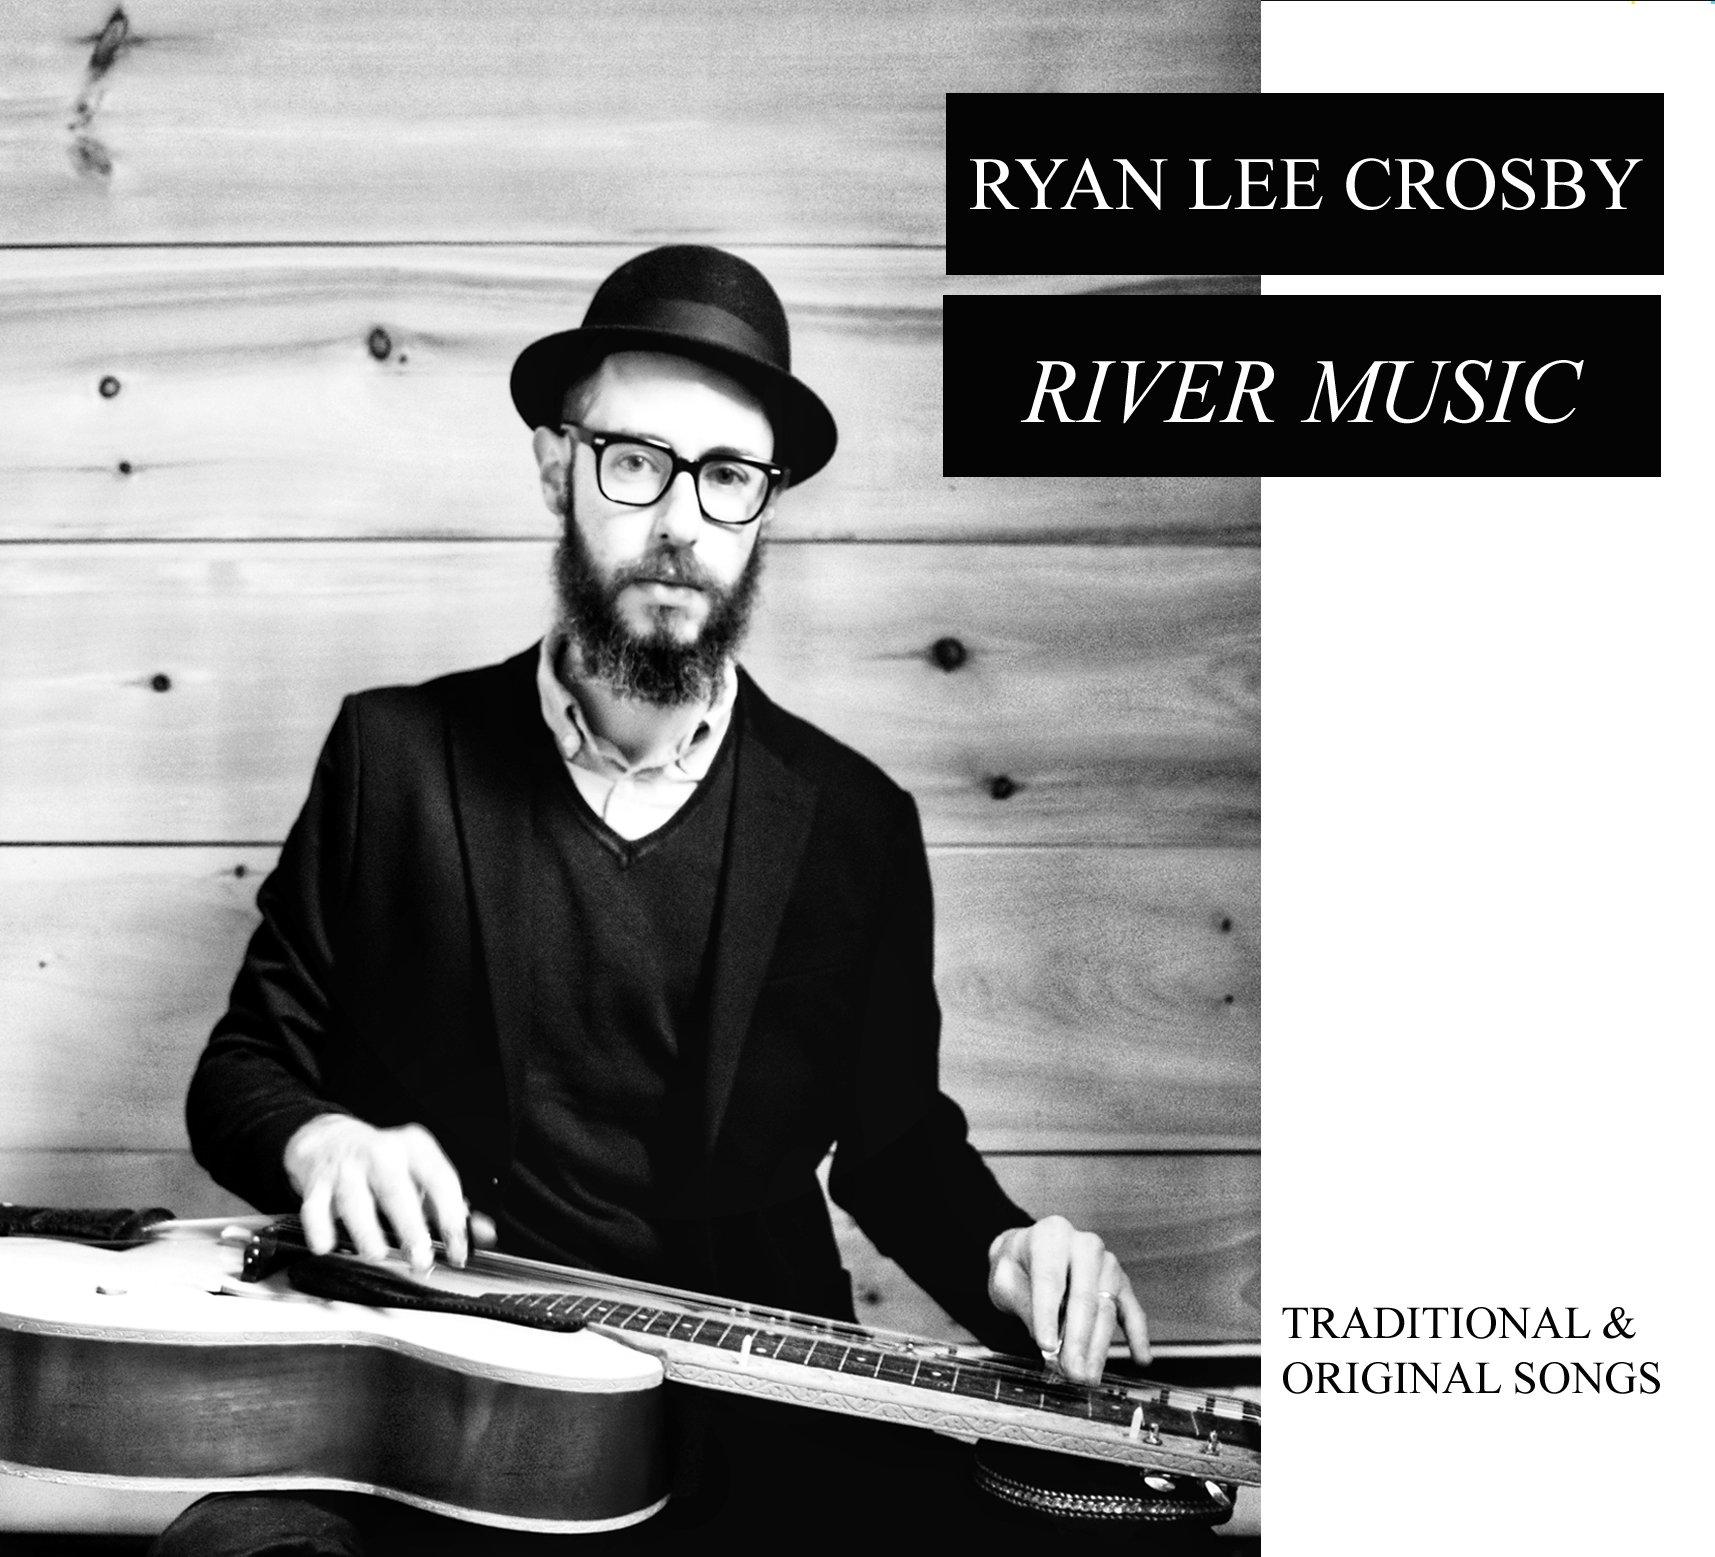 River Music CD